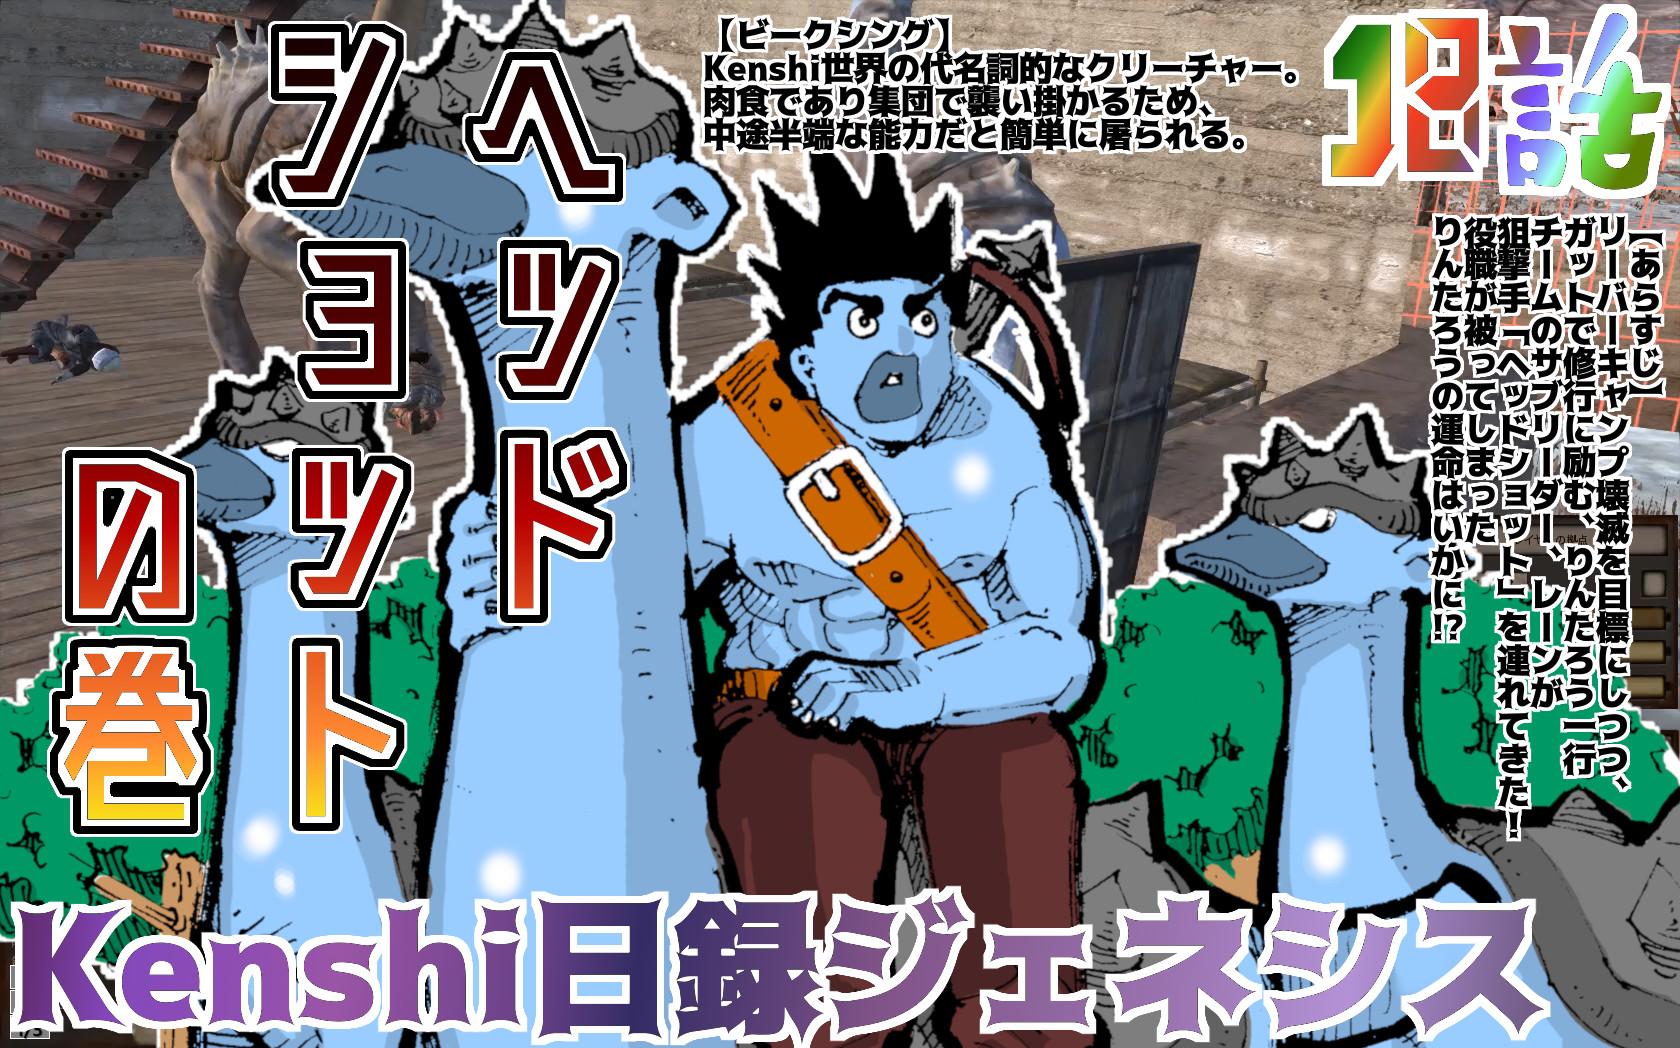 【動画】【実況プレイ】Kenshi日録ジェネシス 18話 ヘッドショットの巻